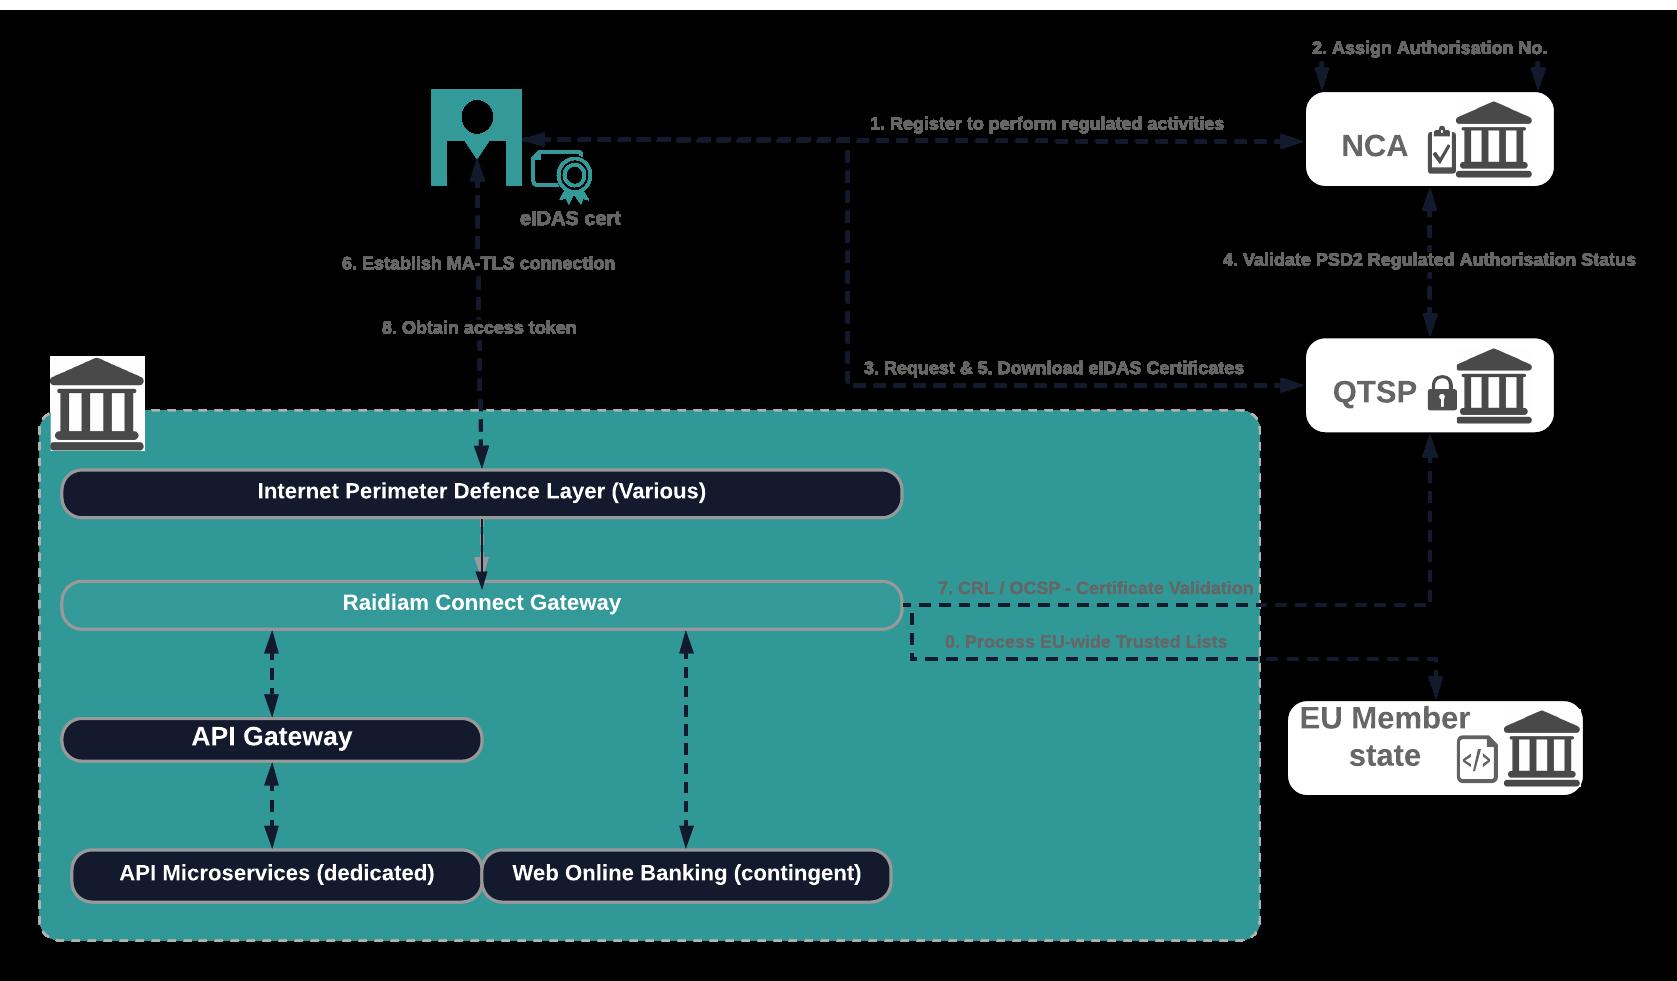 eIDAS Gateway - System Diag-3.png